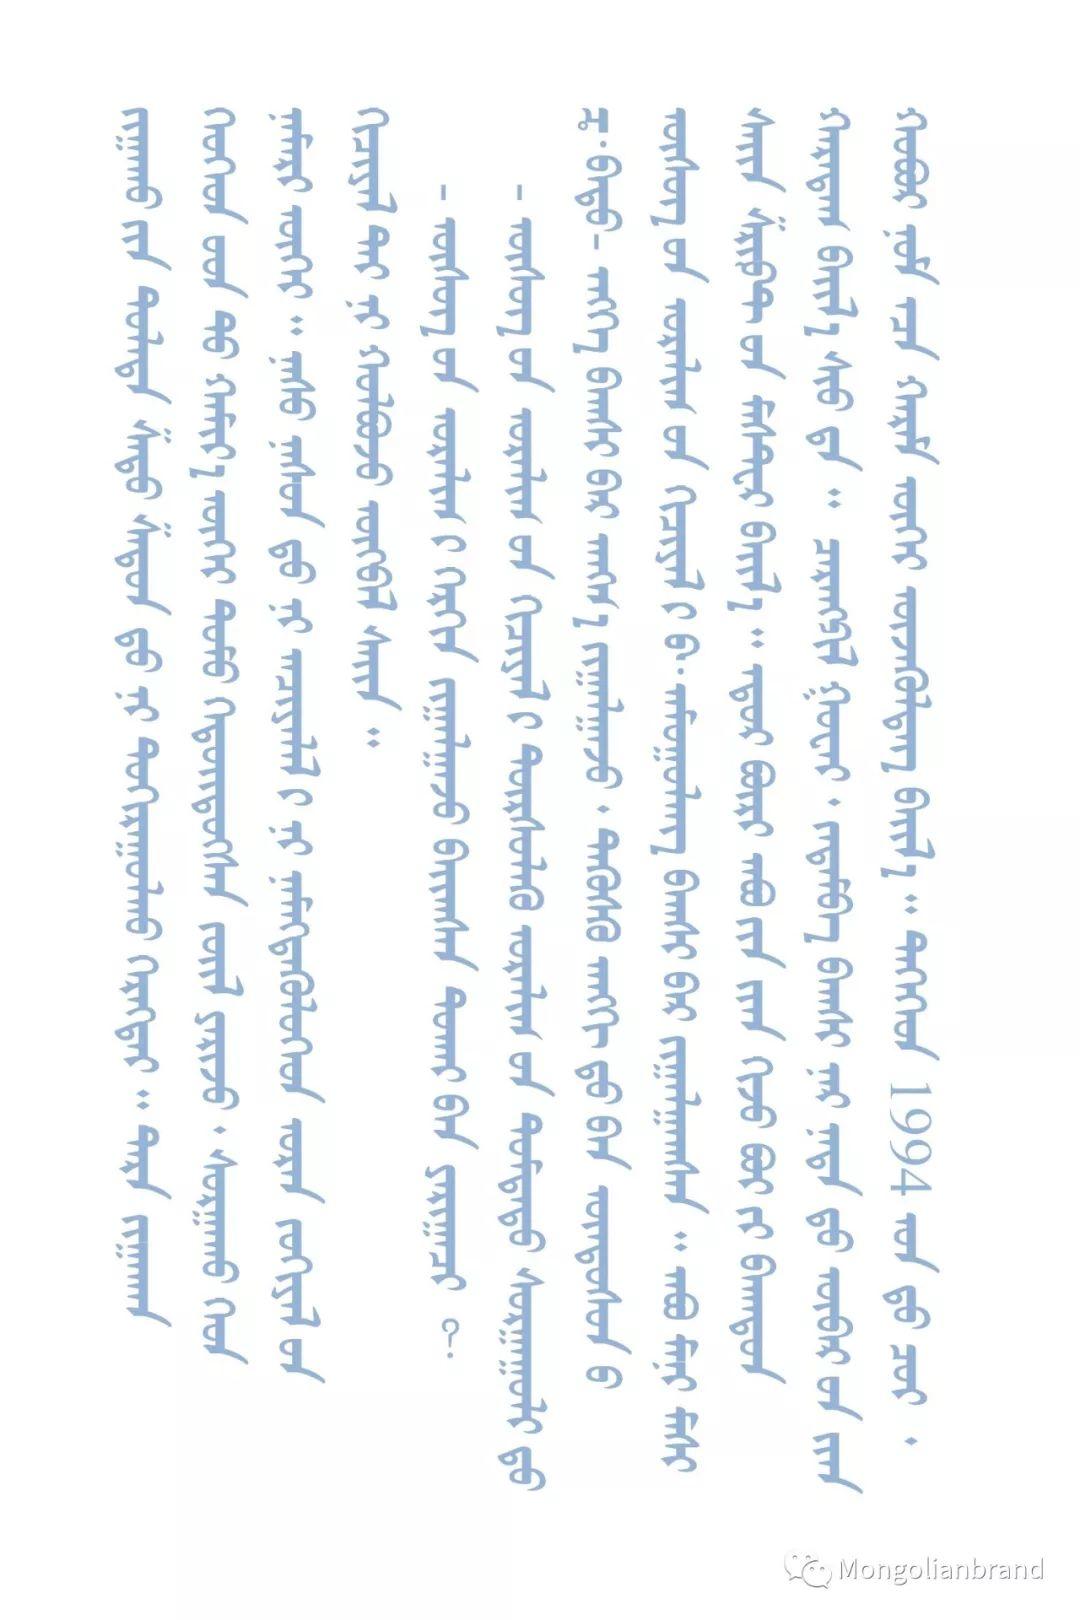 蒙古字体设计专家Jamiyansuren:让每个蒙古人掌握传统蒙古文是我们的终极目标 第25张 蒙古字体设计专家Jamiyansuren:让每个蒙古人掌握传统蒙古文是我们的终极目标 蒙古文化